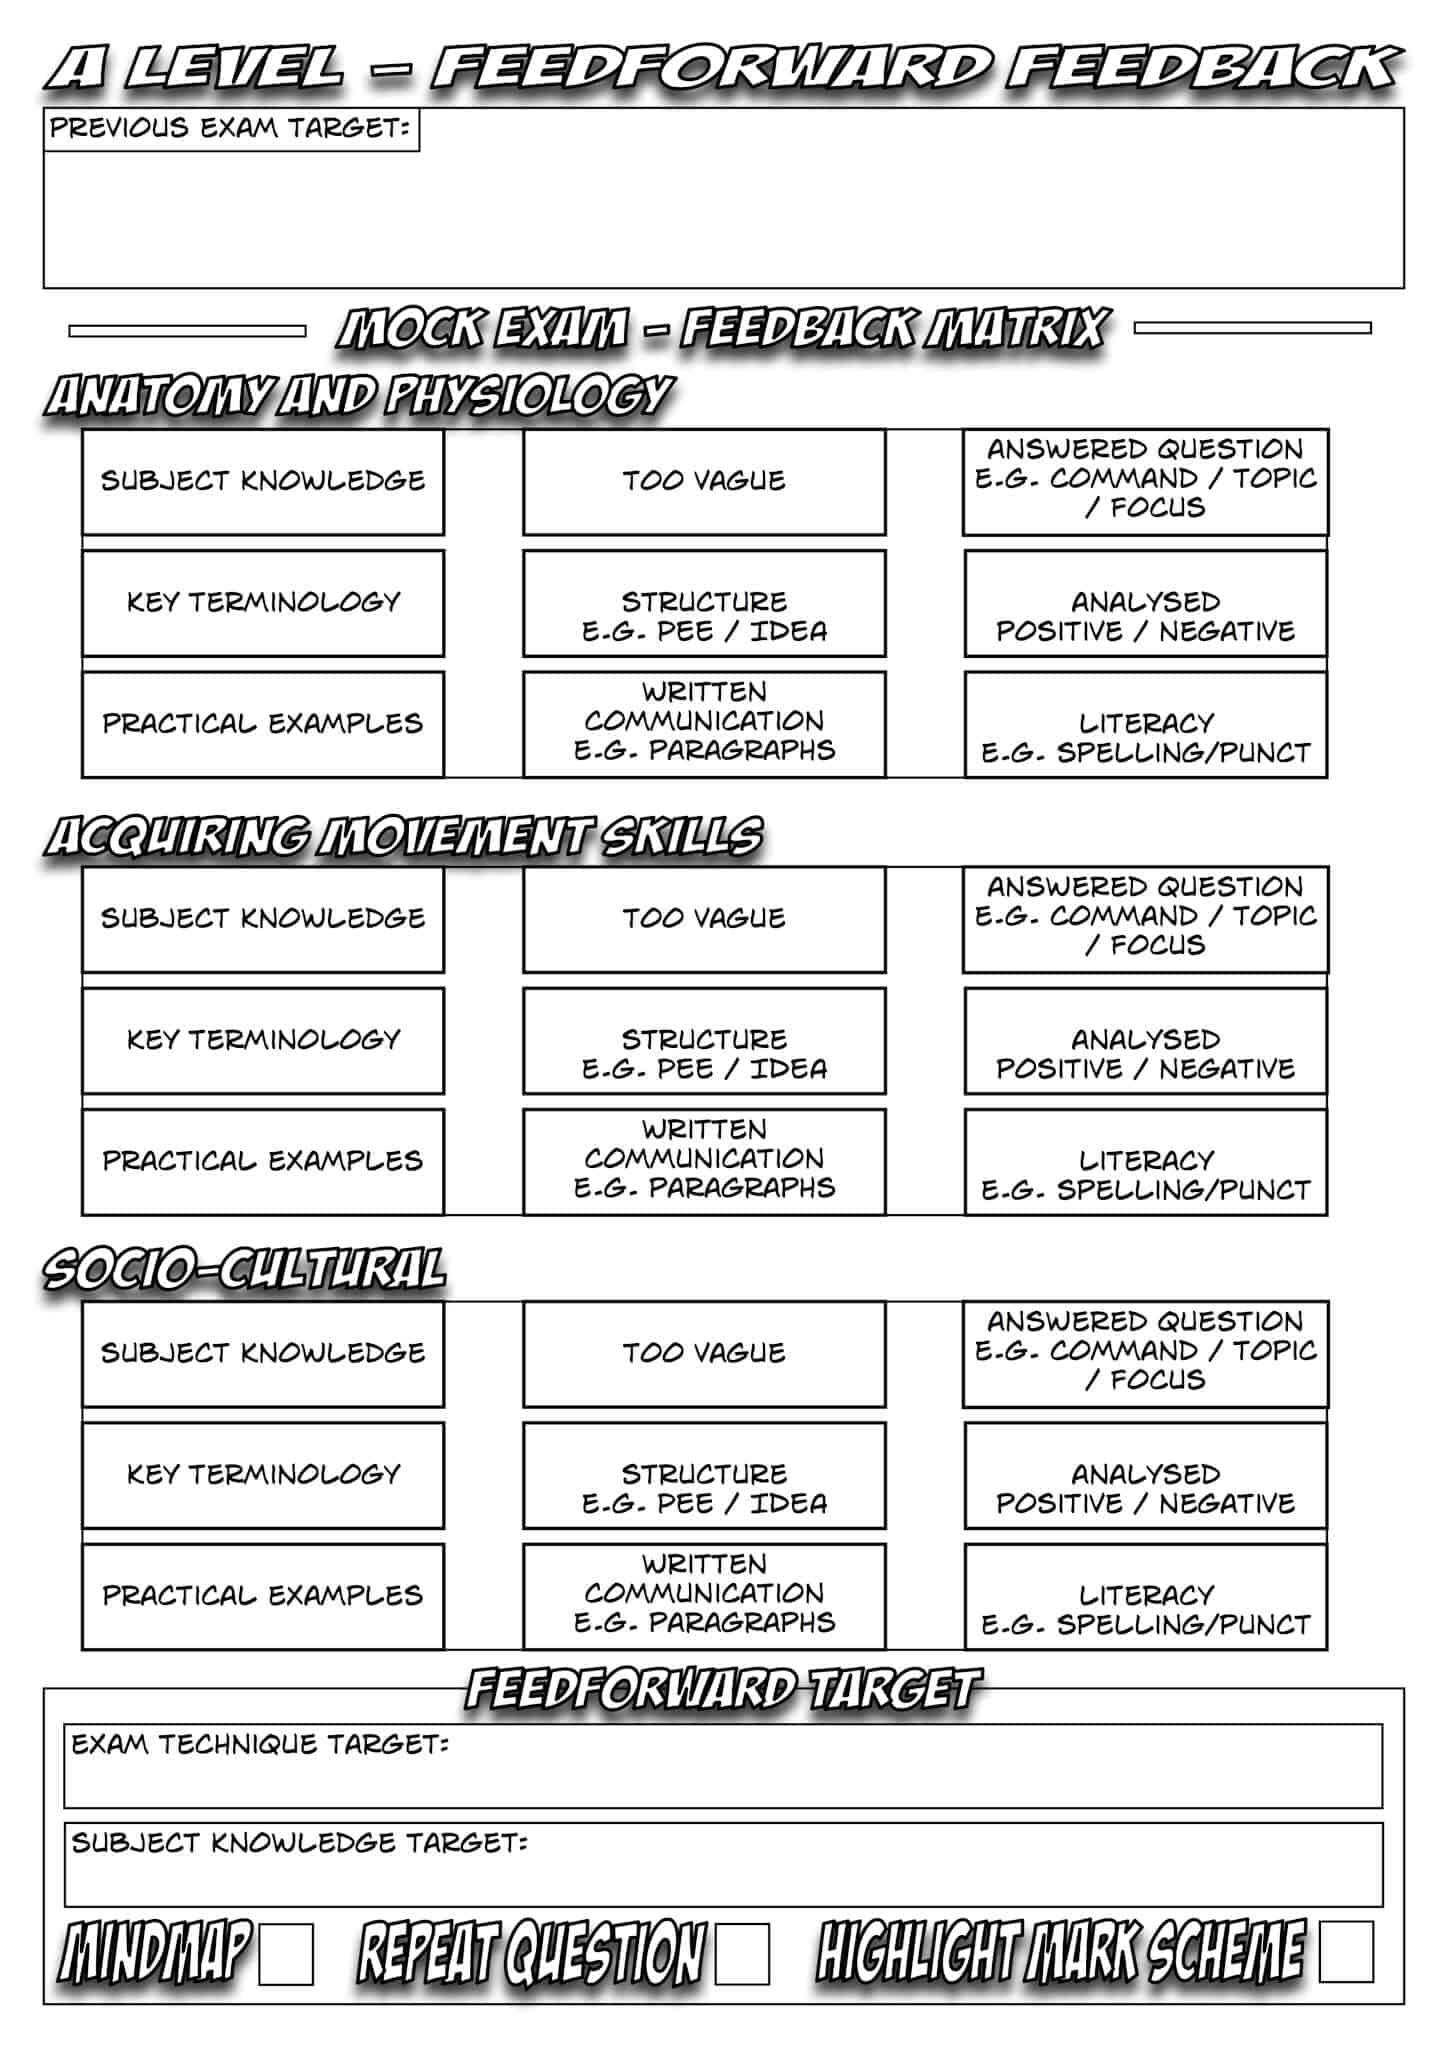 Feedforward Feedback Sheet A Level Ocr